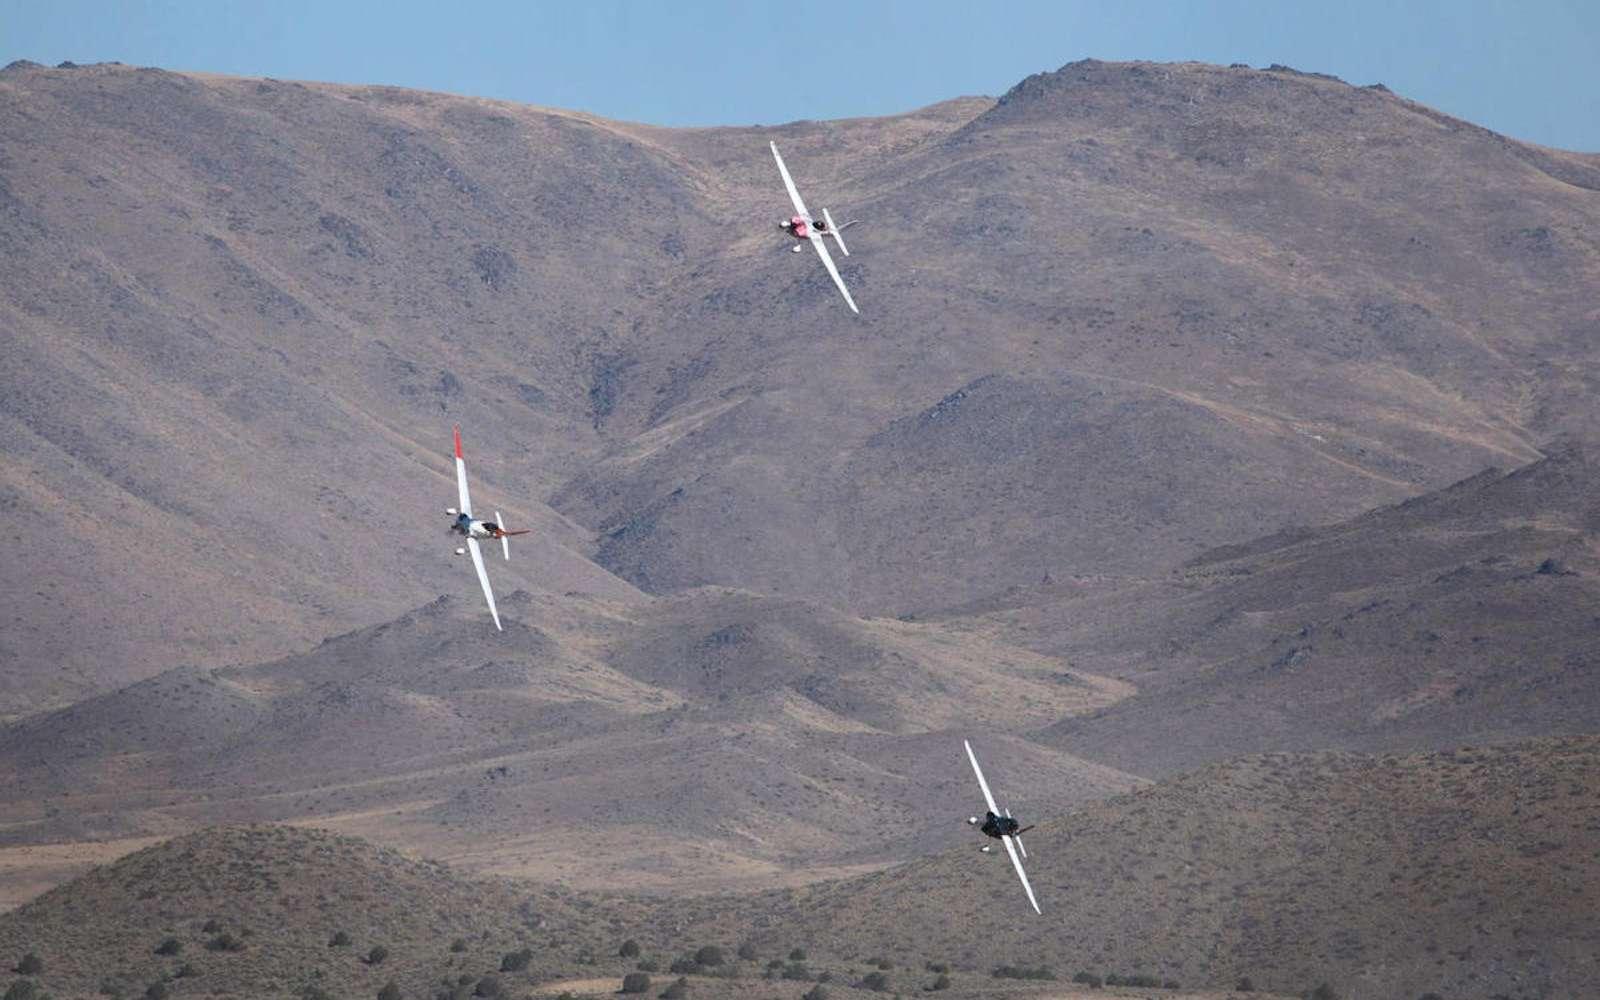 Le futur avion électrique de course reprendra la cellule des appareils actuels à moteurs thermiques. Le premier prototype conçu par les partenaires de la Air Race E servira de modèle de référence. © Air Race 1